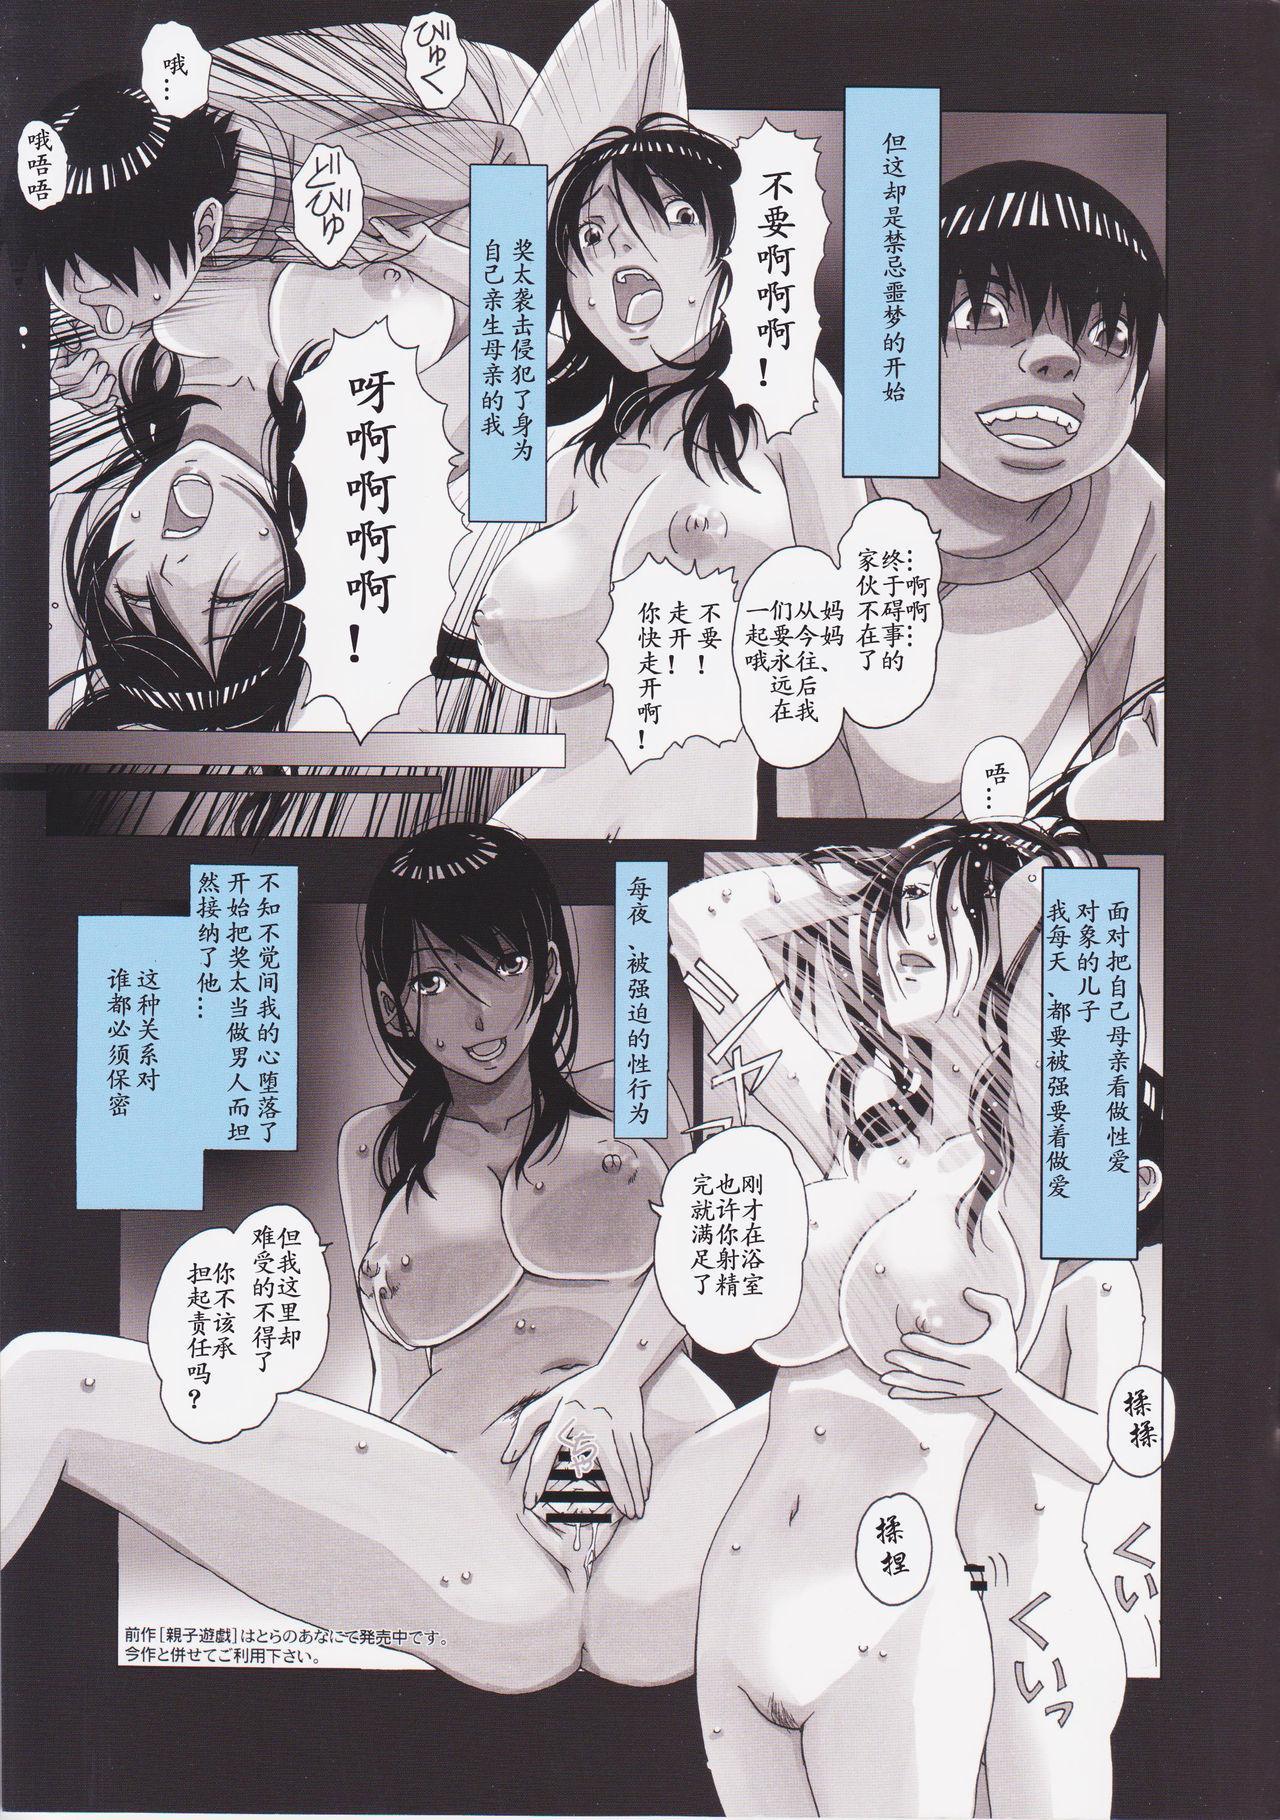 [Otonano Gu-wa (Yamada Tarou (Kamei))] Oyako Yuugi - Parent and Child Game - Aida [Chinese] [ssps008个人汉化] 2